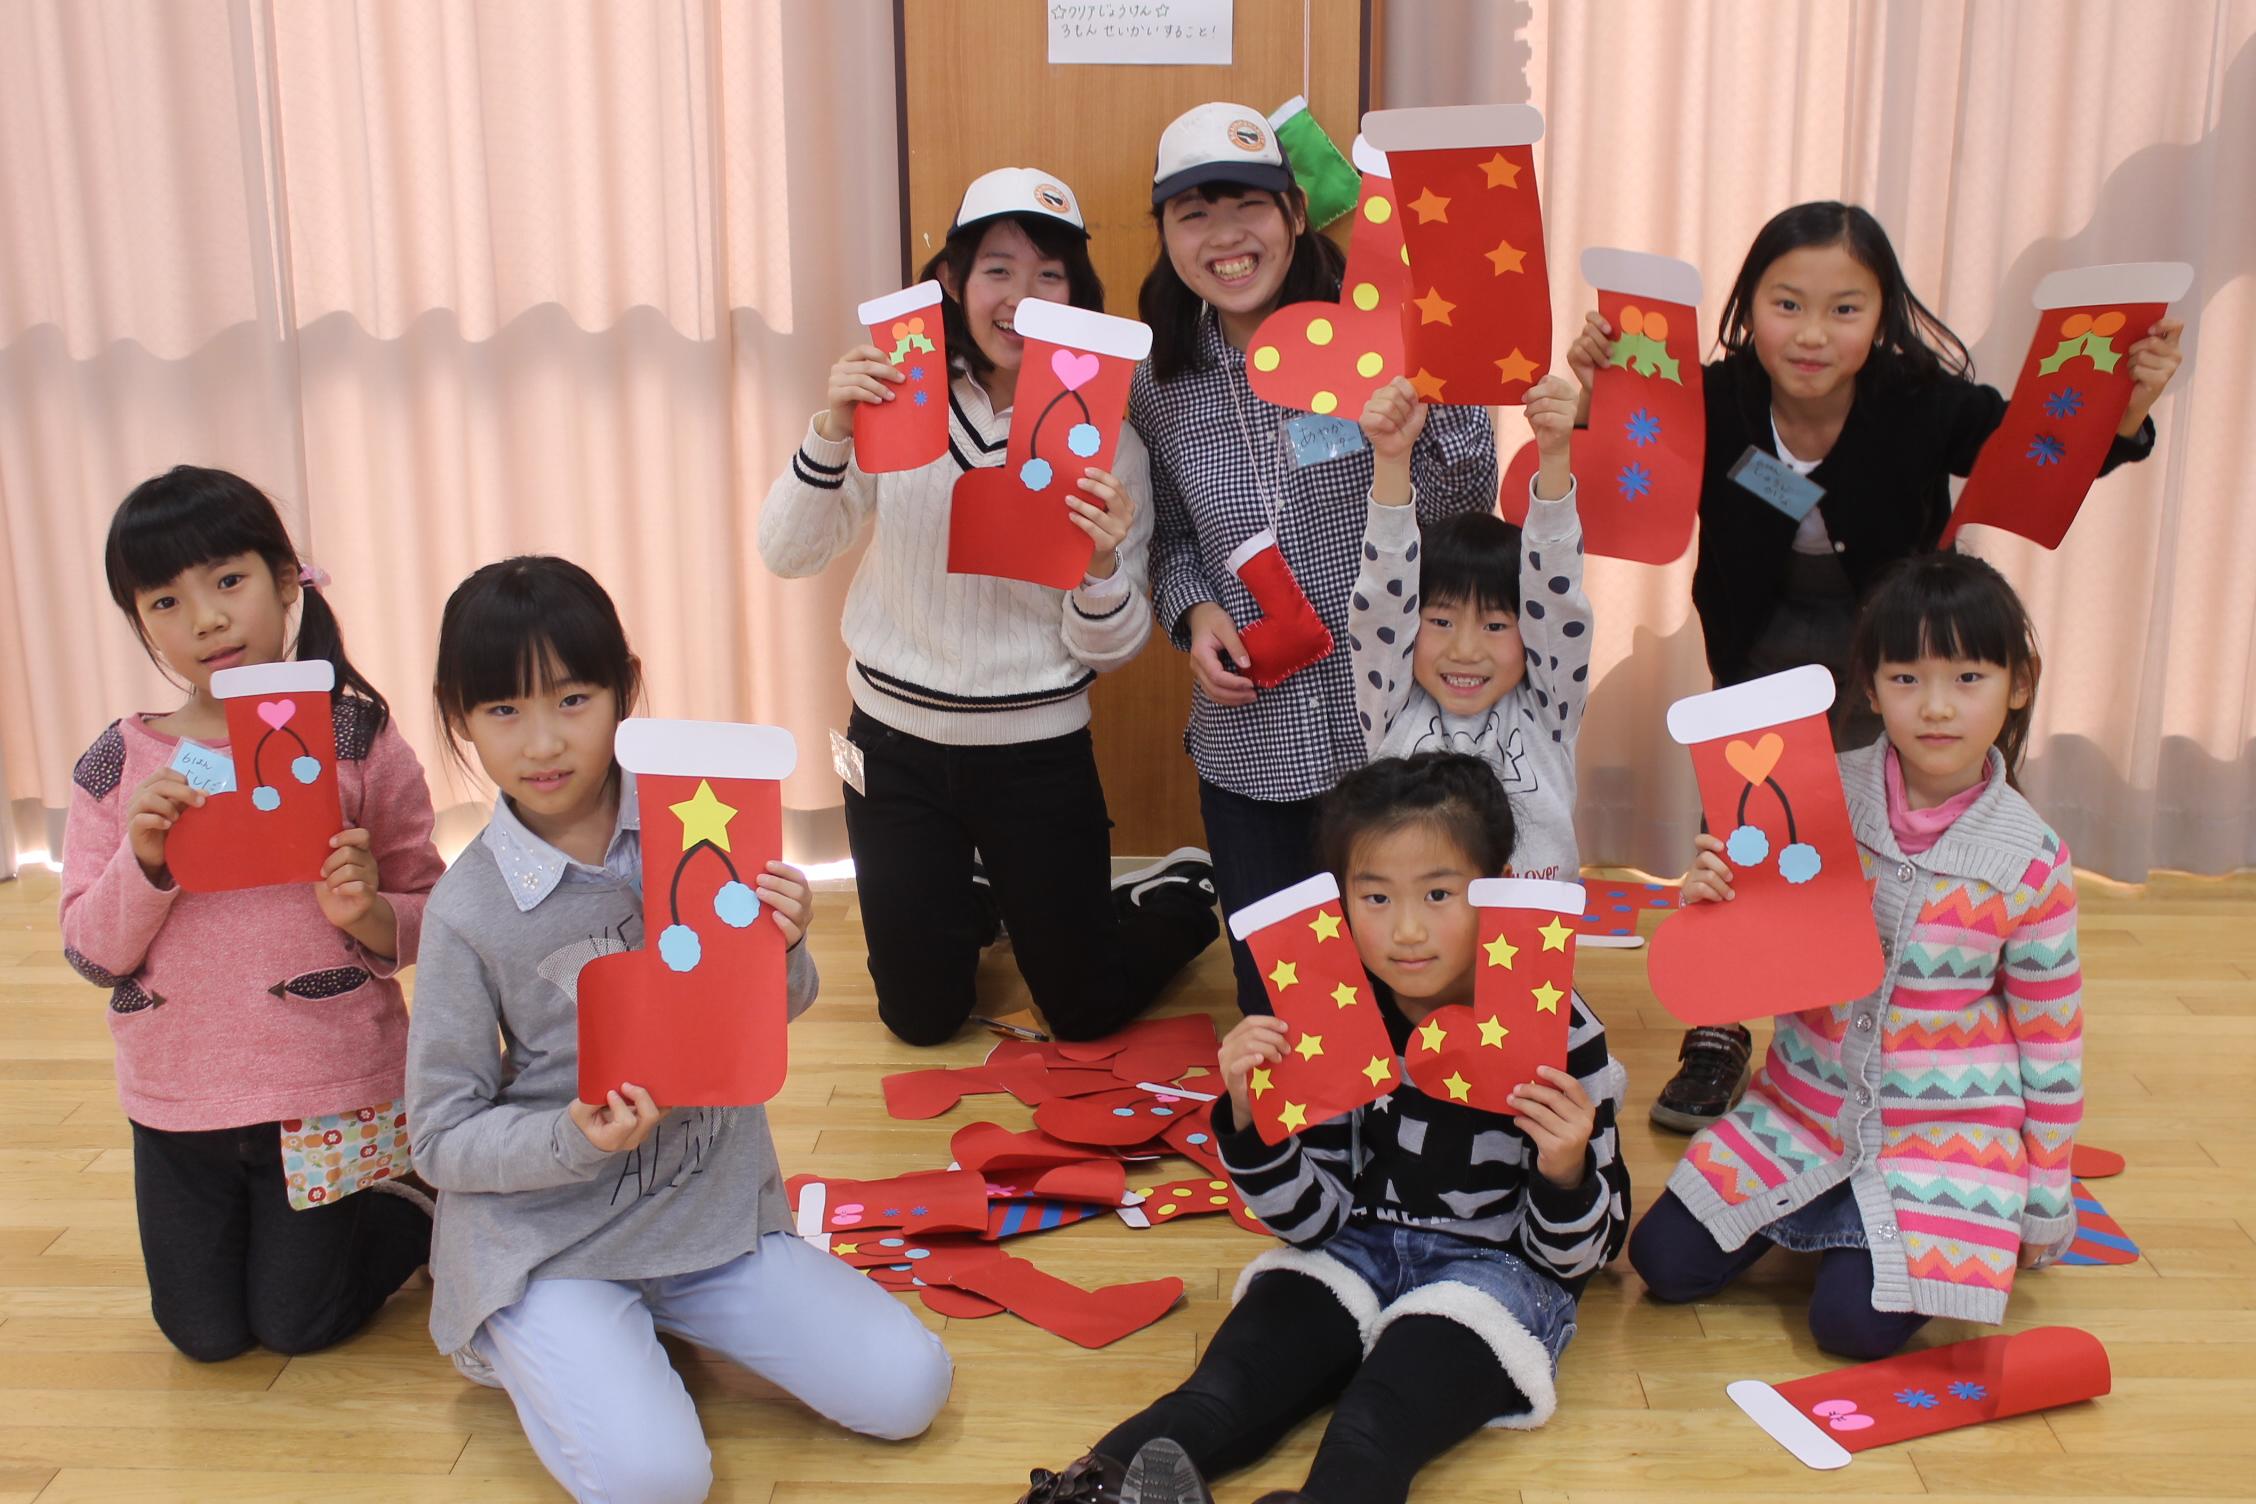 【12/20・日帰り】わくわく!クリスマス